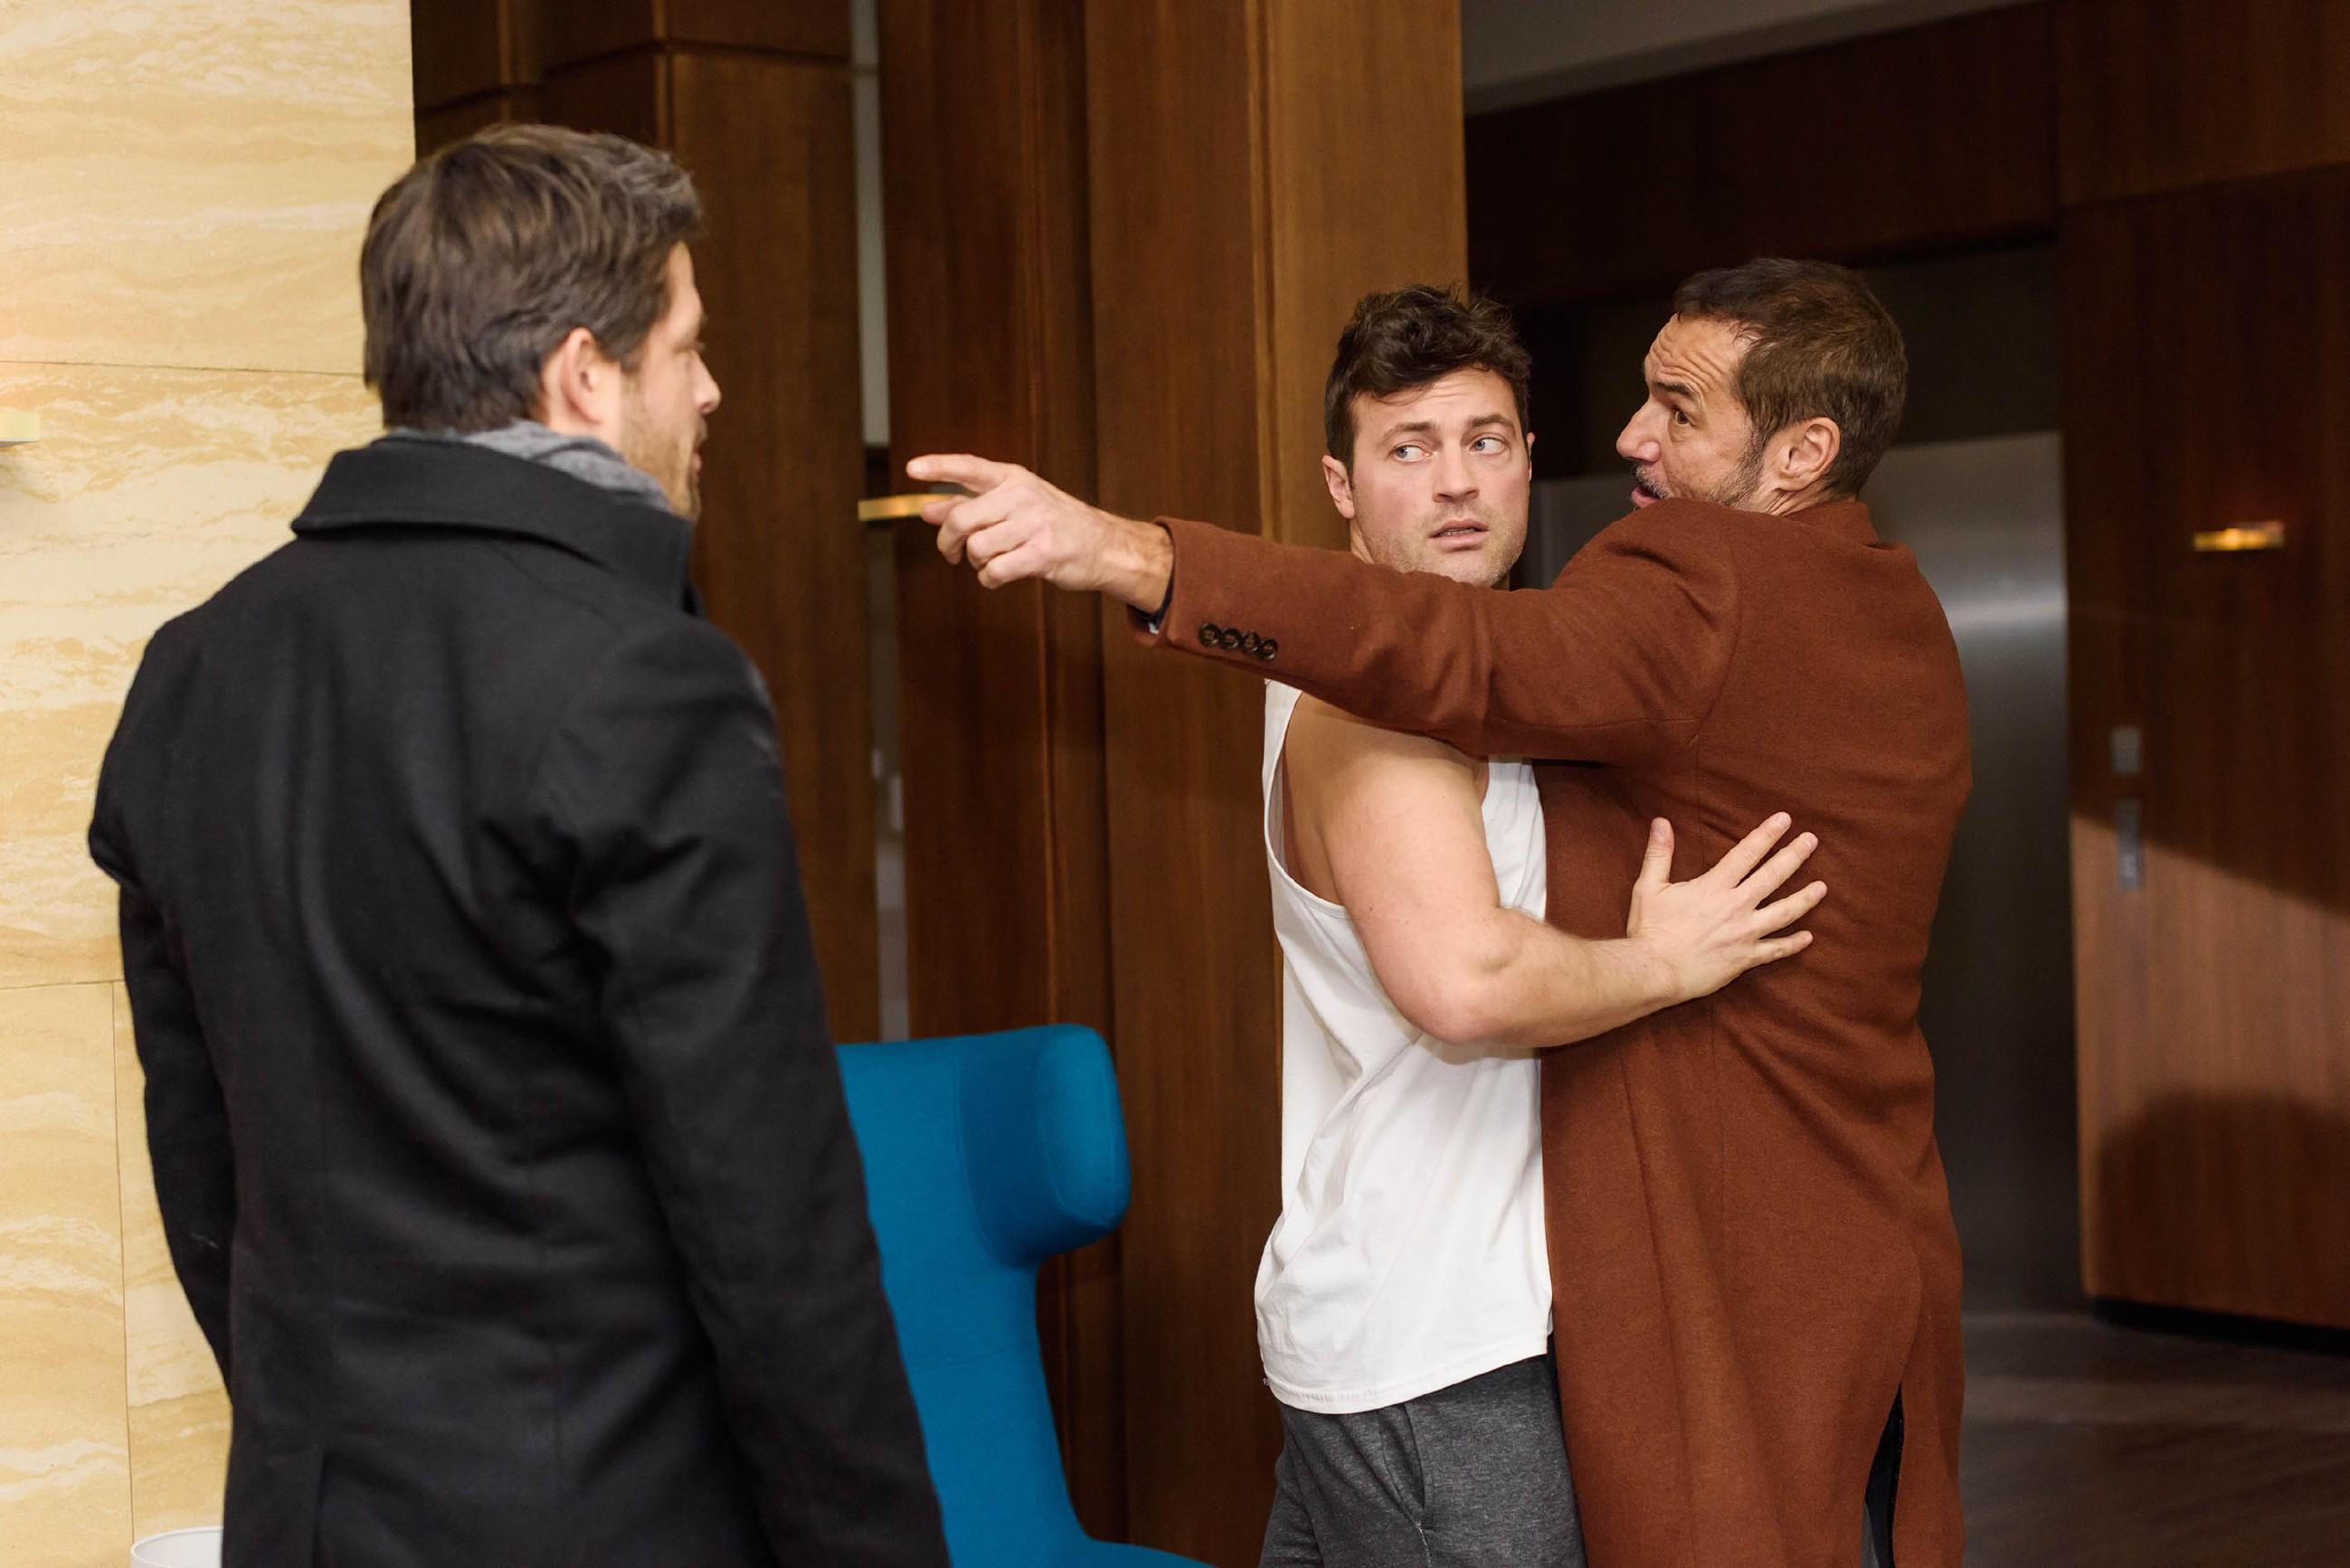 Als Vincent (Daniel Buder, l.) Richard (Silvan-Pierre Leirich, r.) provoziert, geht dieser auf Vincent los und muss von Ben (Jörg Rohde) gestoppt werden... (Quelle: RTL / Julia Feldhagen)